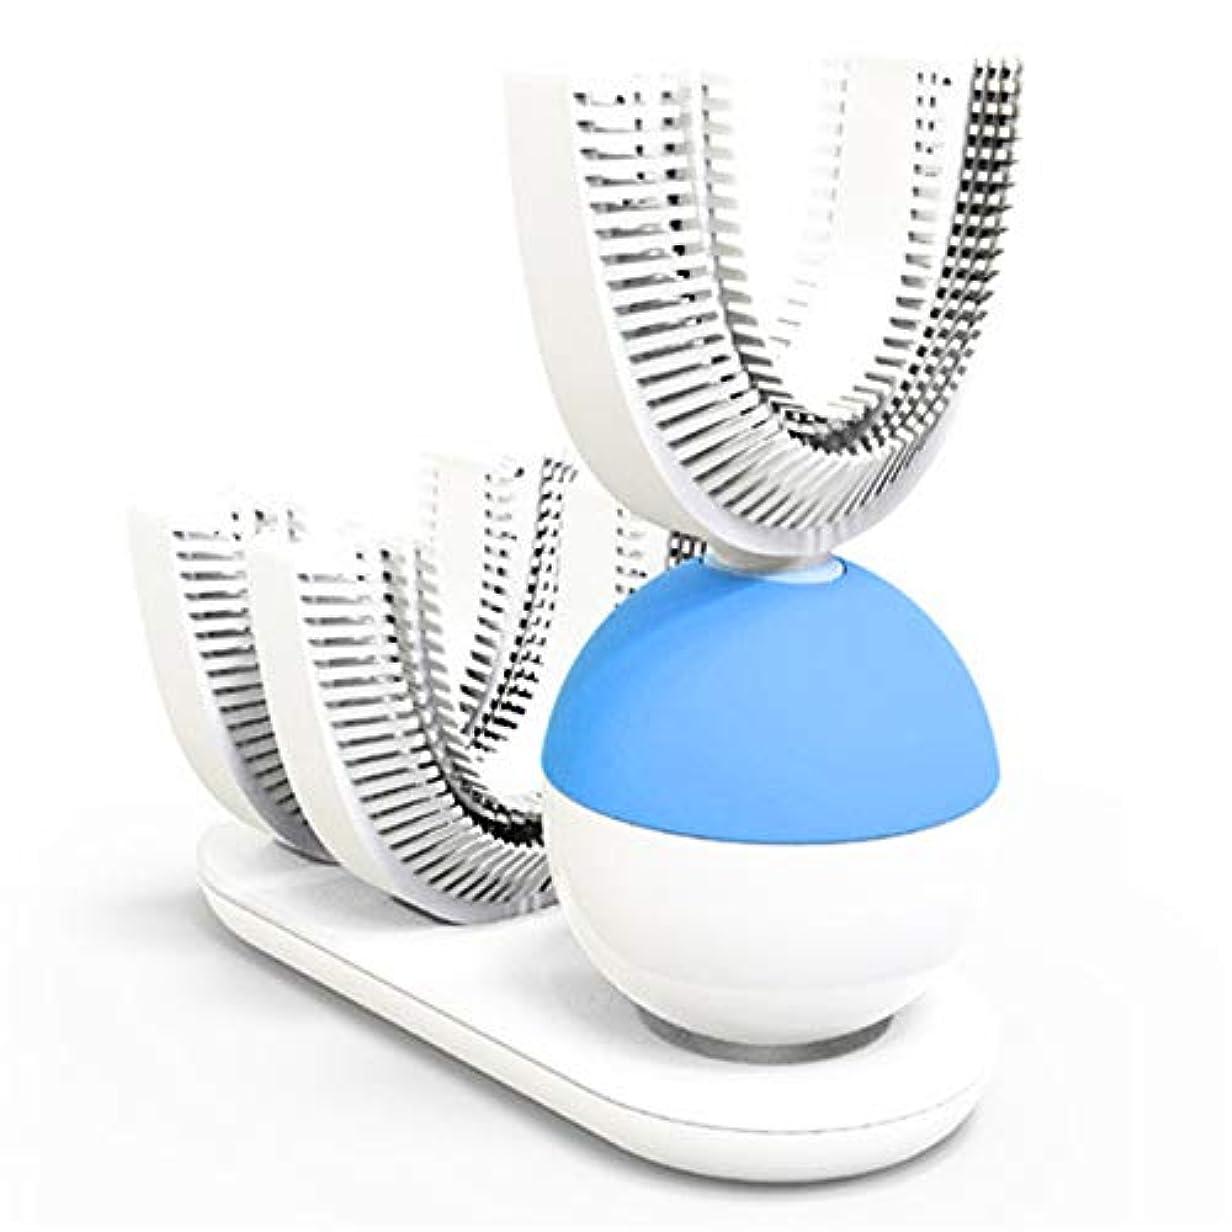 チキン職人端末電動歯ブラシ 自動歯ブラシ U型 360°全方位 超音波 怠け者歯ブラシ ワイヤレス充電 歯ブラシヘッド付き